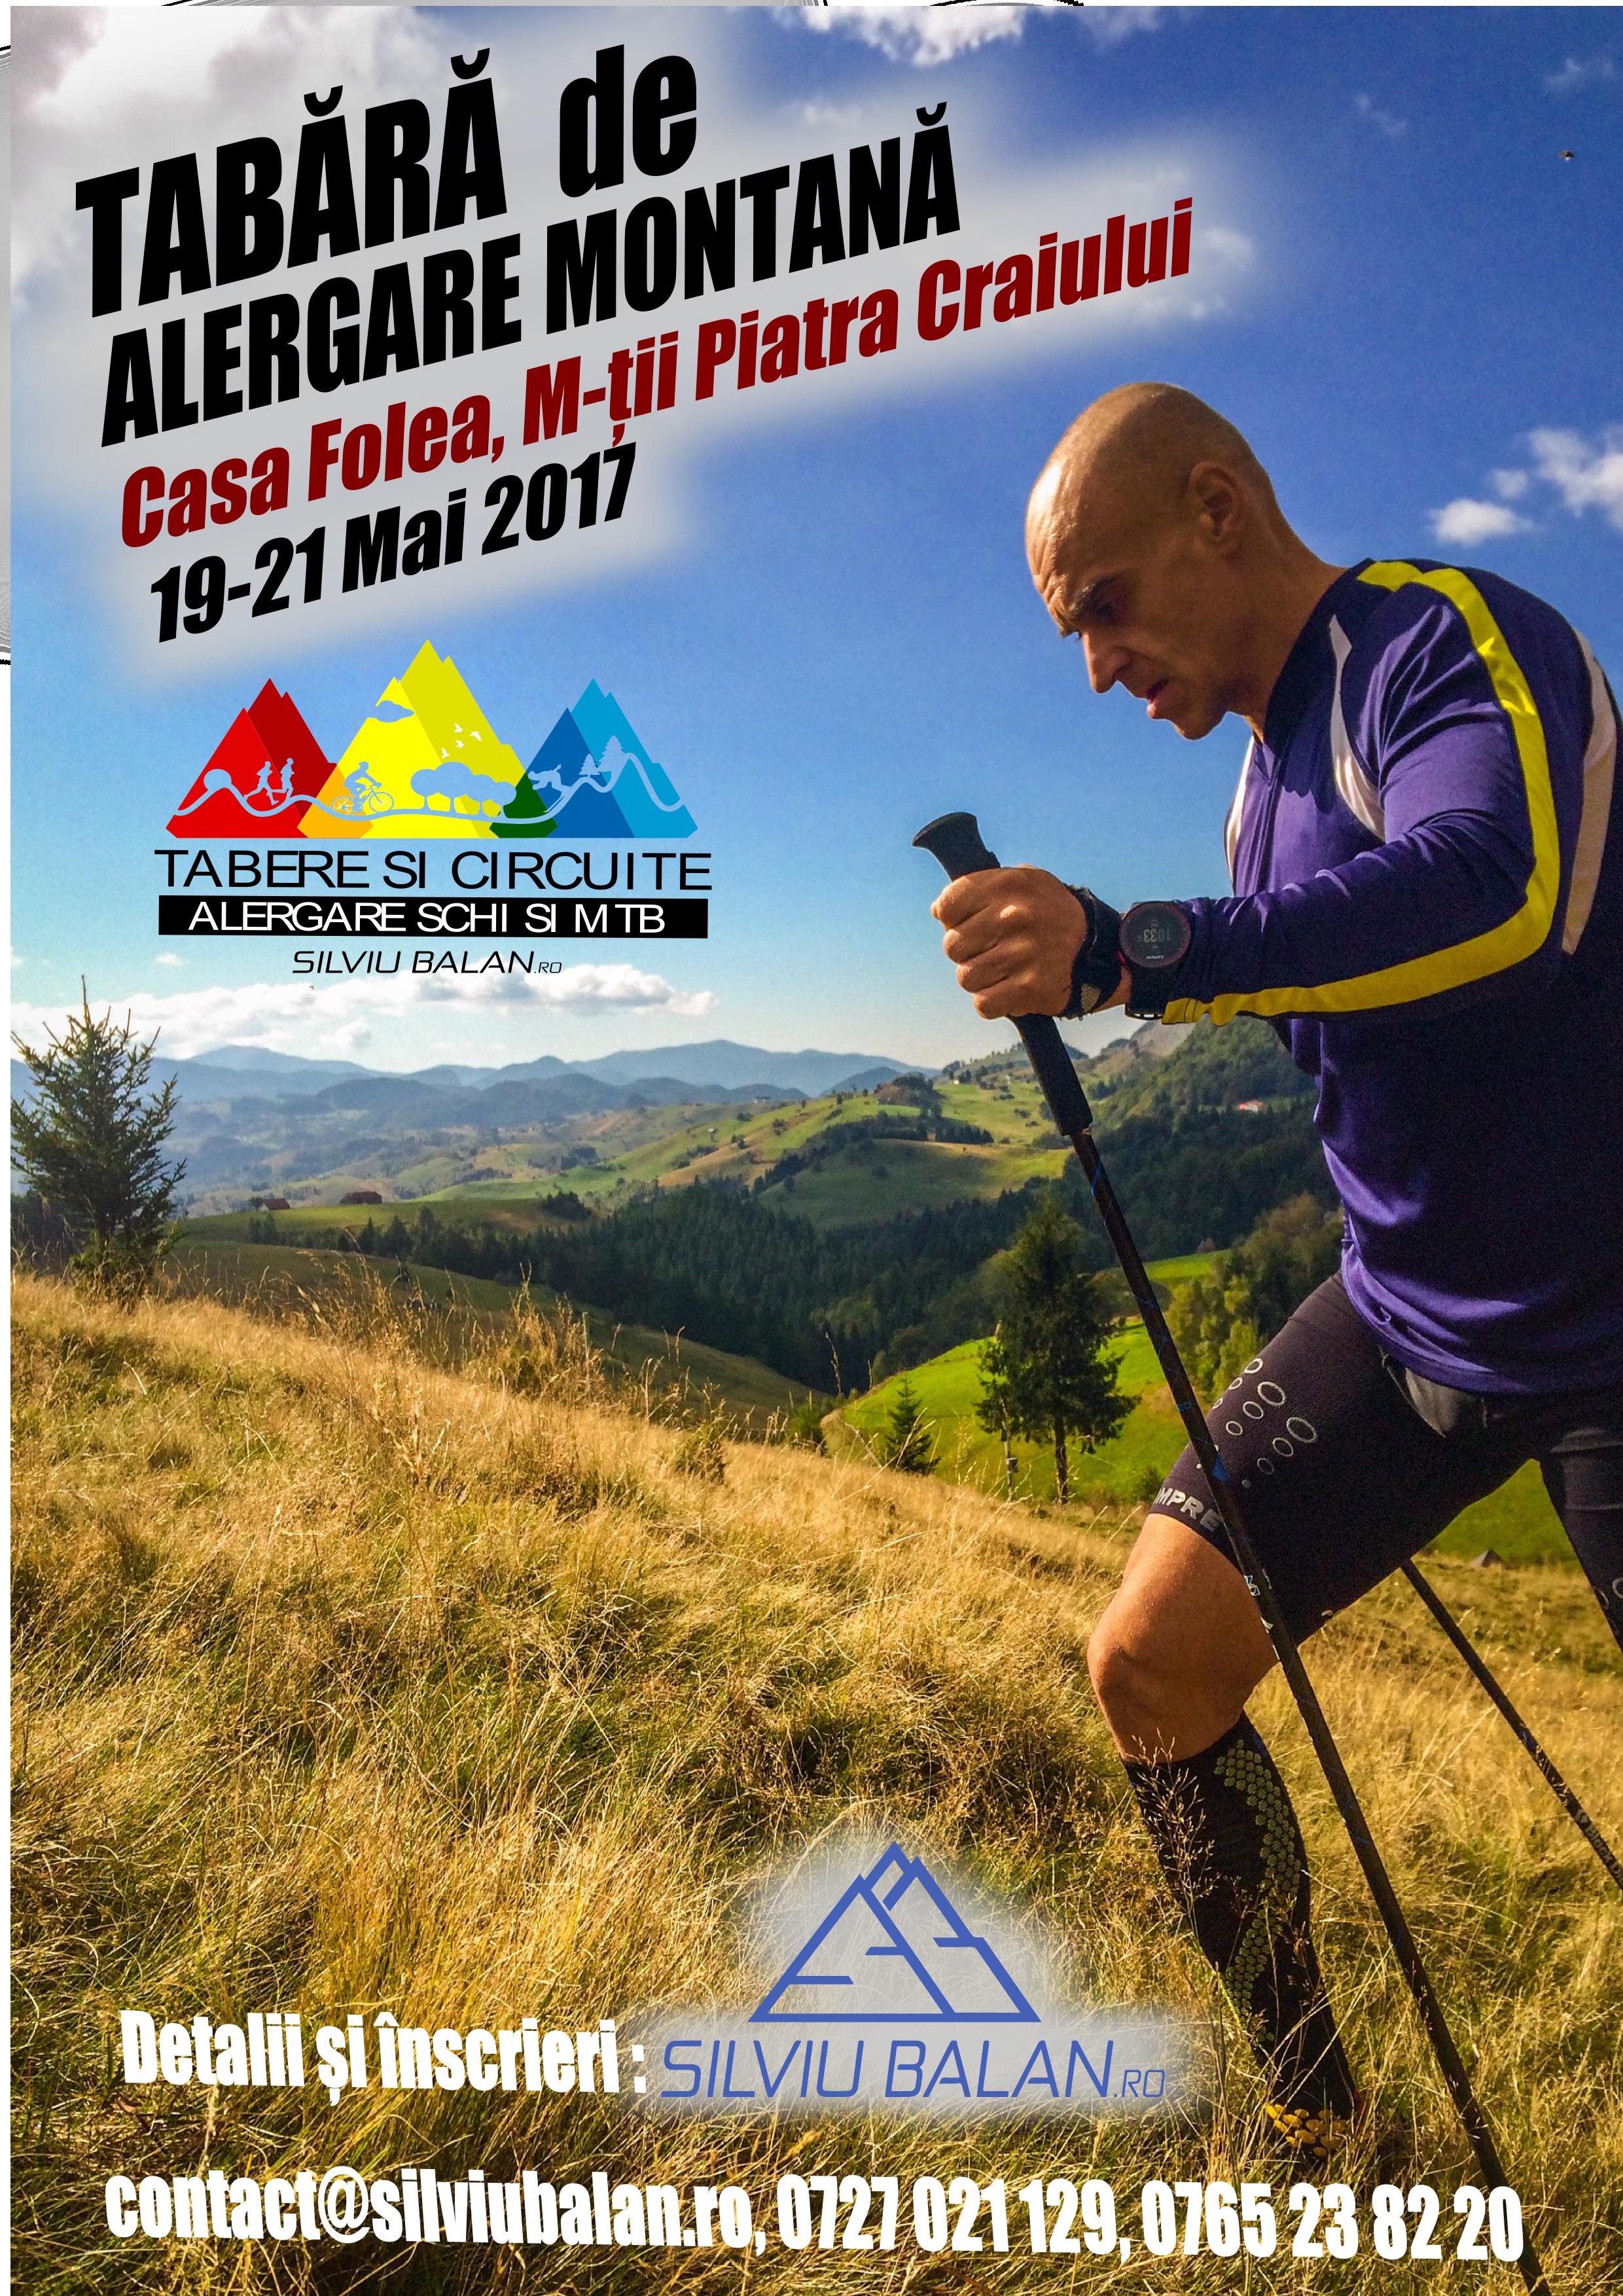 <ul><li>Tabără Alergare Montană Piatra Craiului</li></ul>